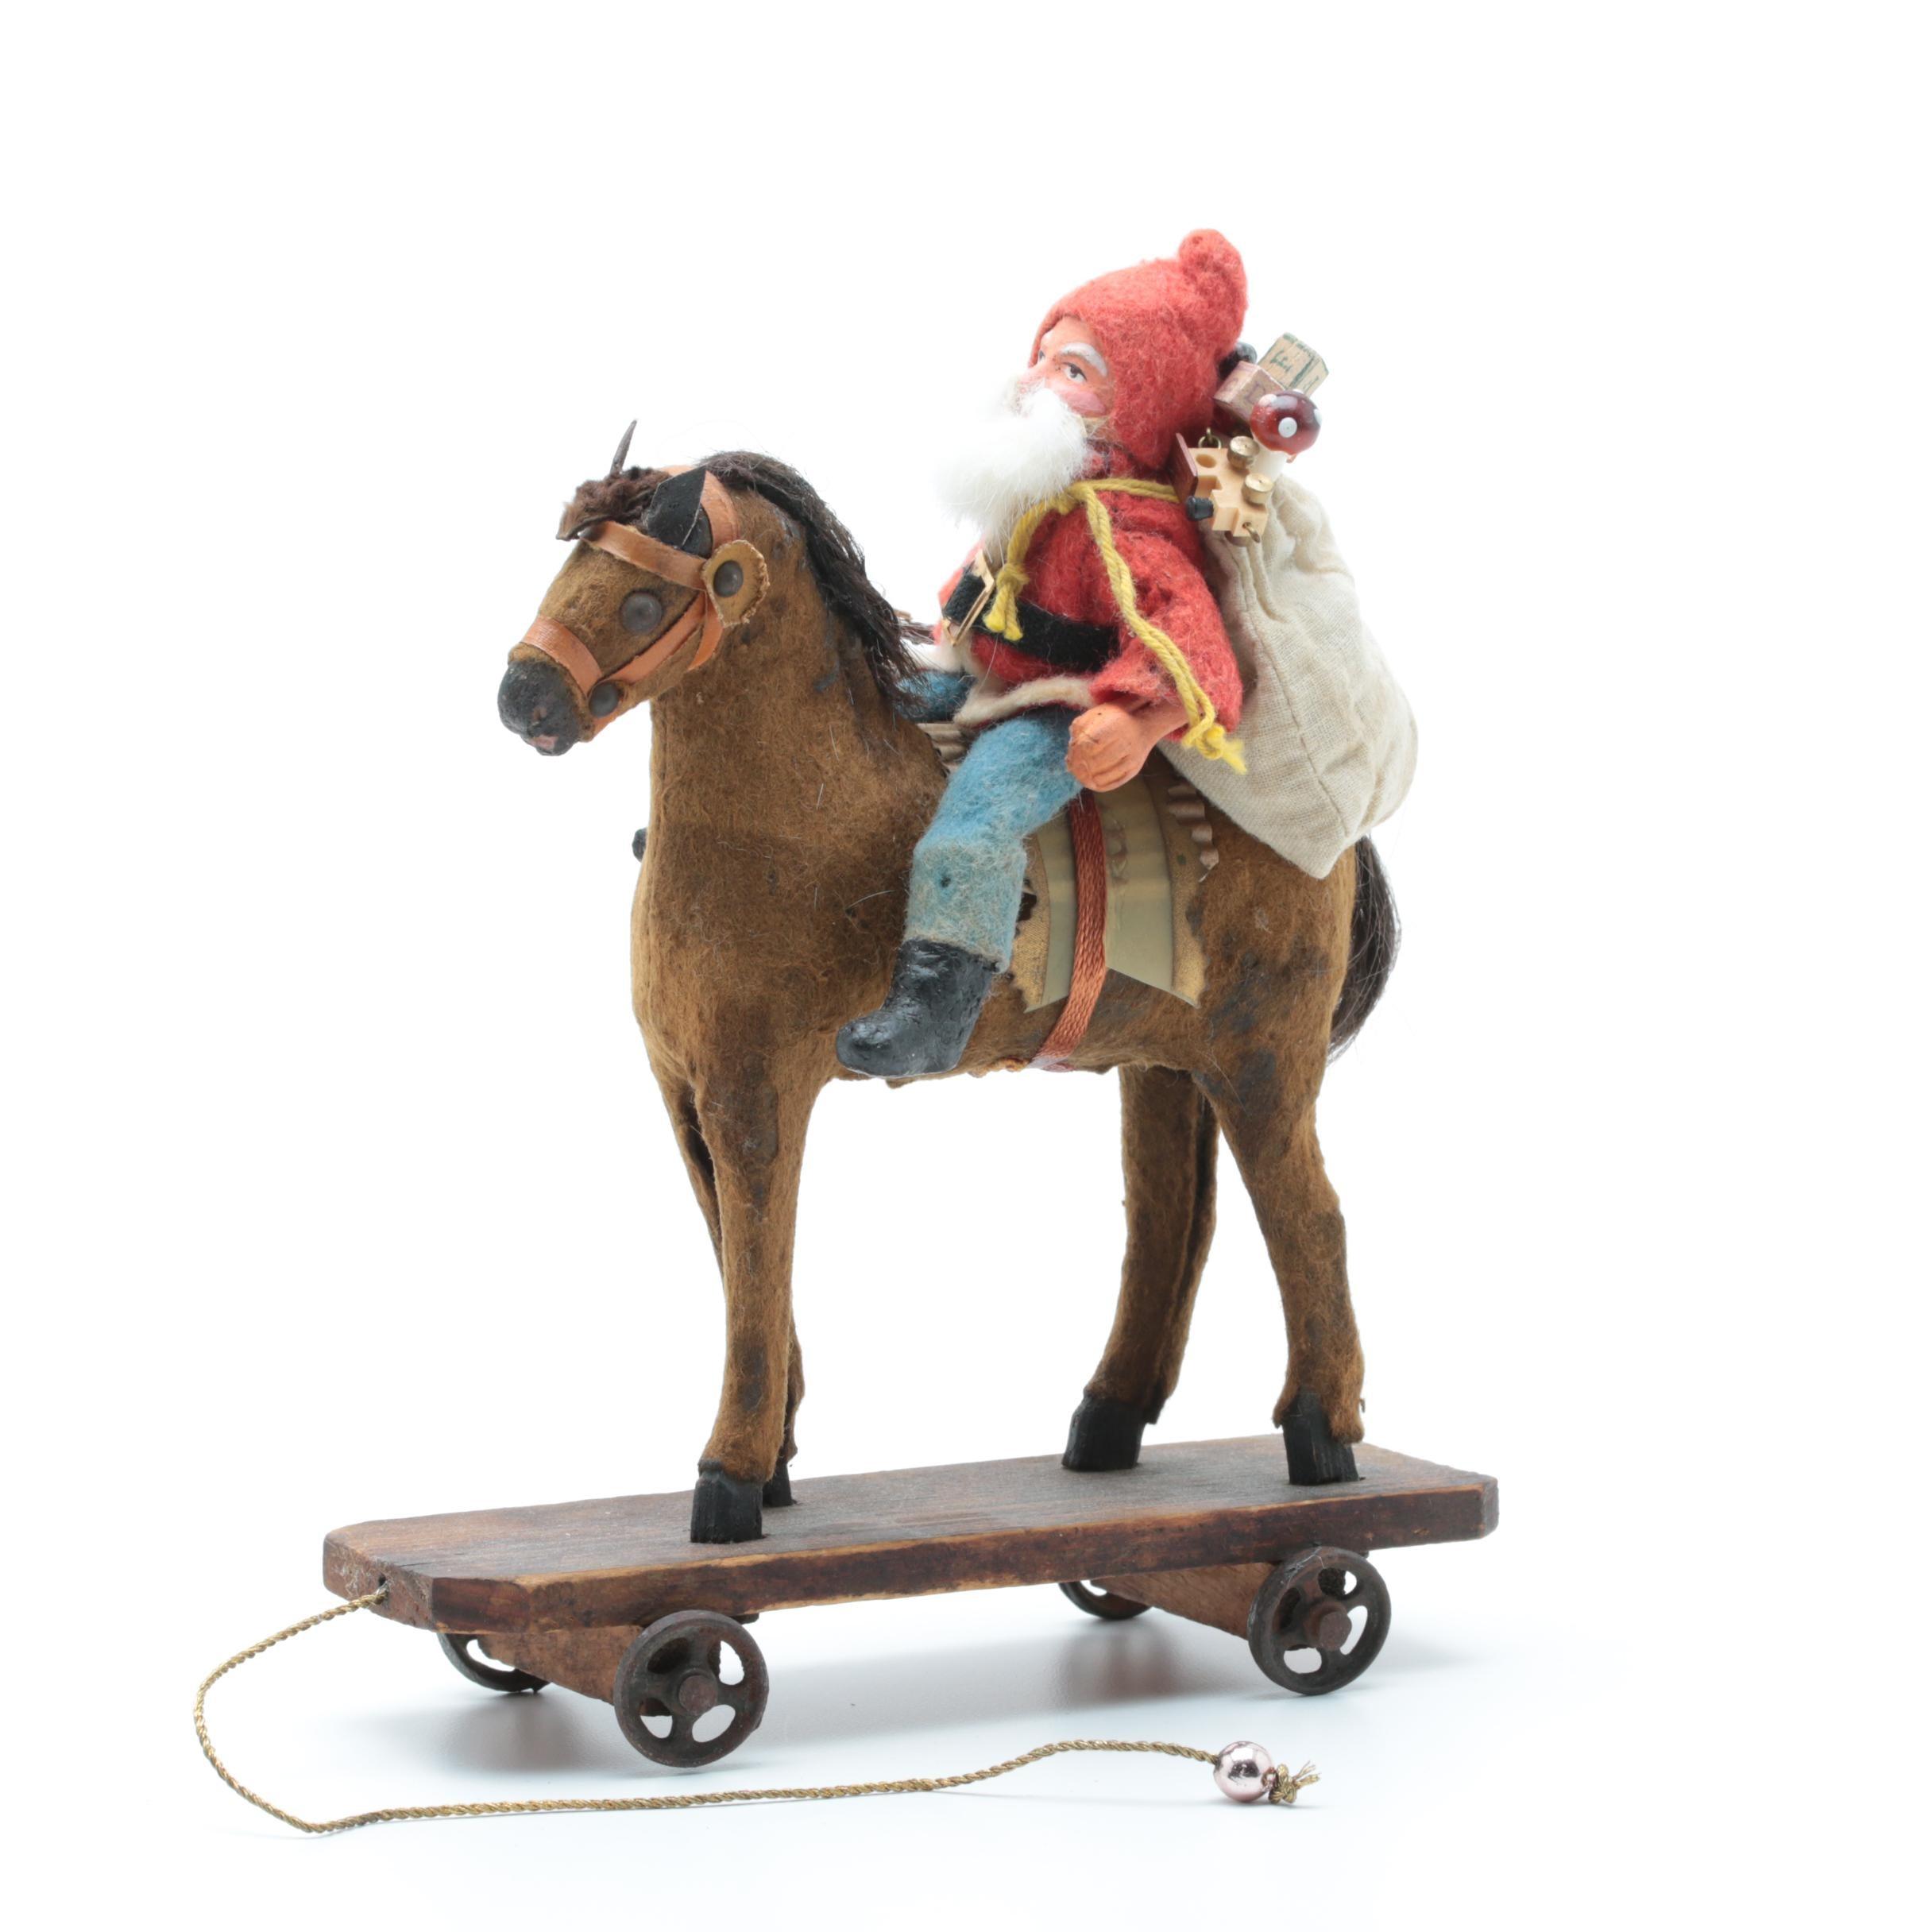 Antique German Belsnickle Astride a Papier-Mâché Platform Horse